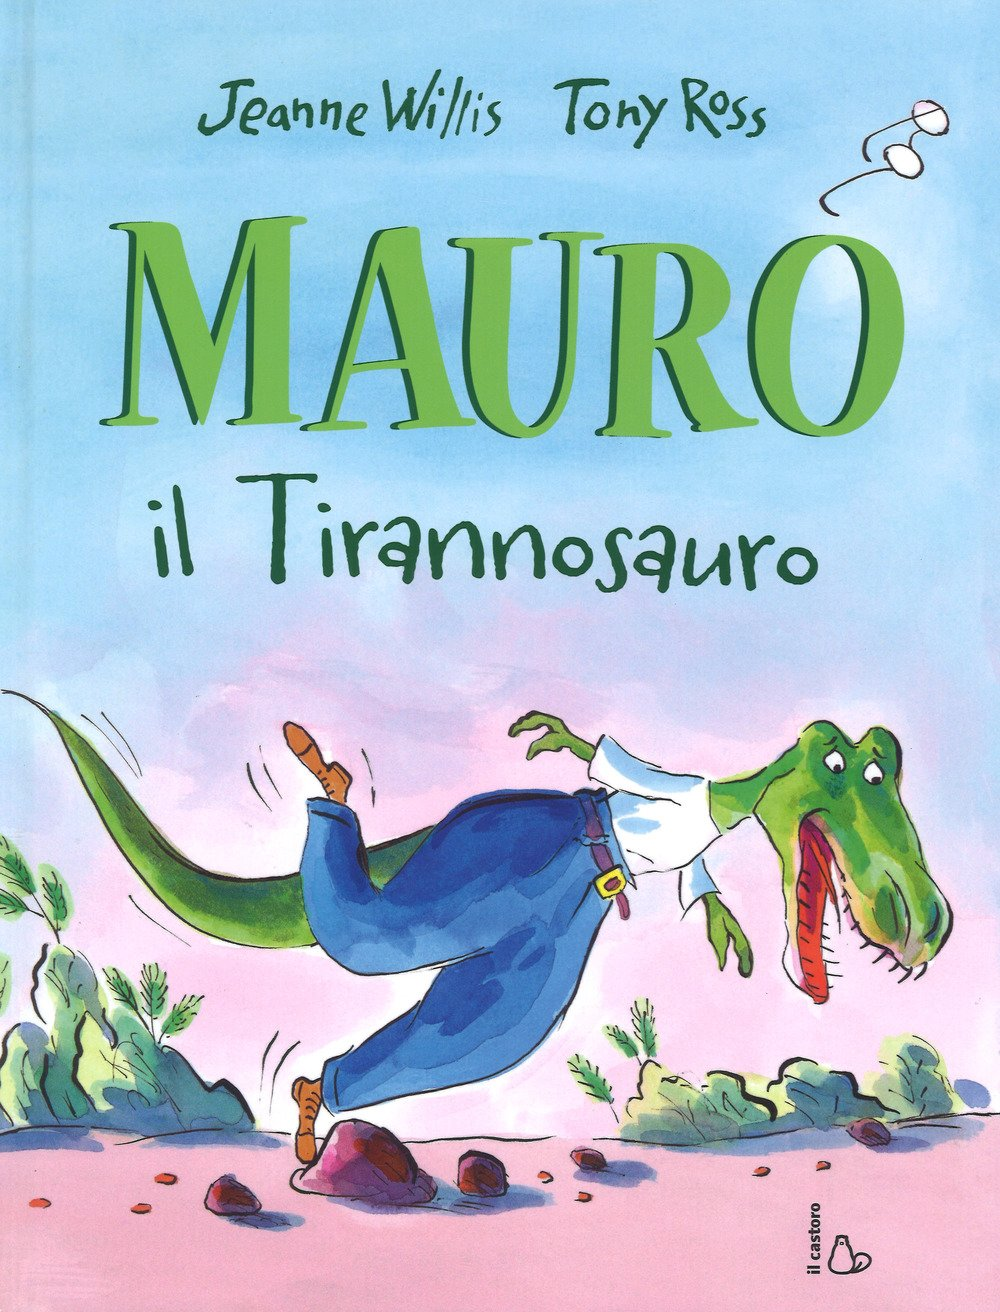 Mauro il tirannosauro, Jeanne Willis, Gallucci, dai 4 anni